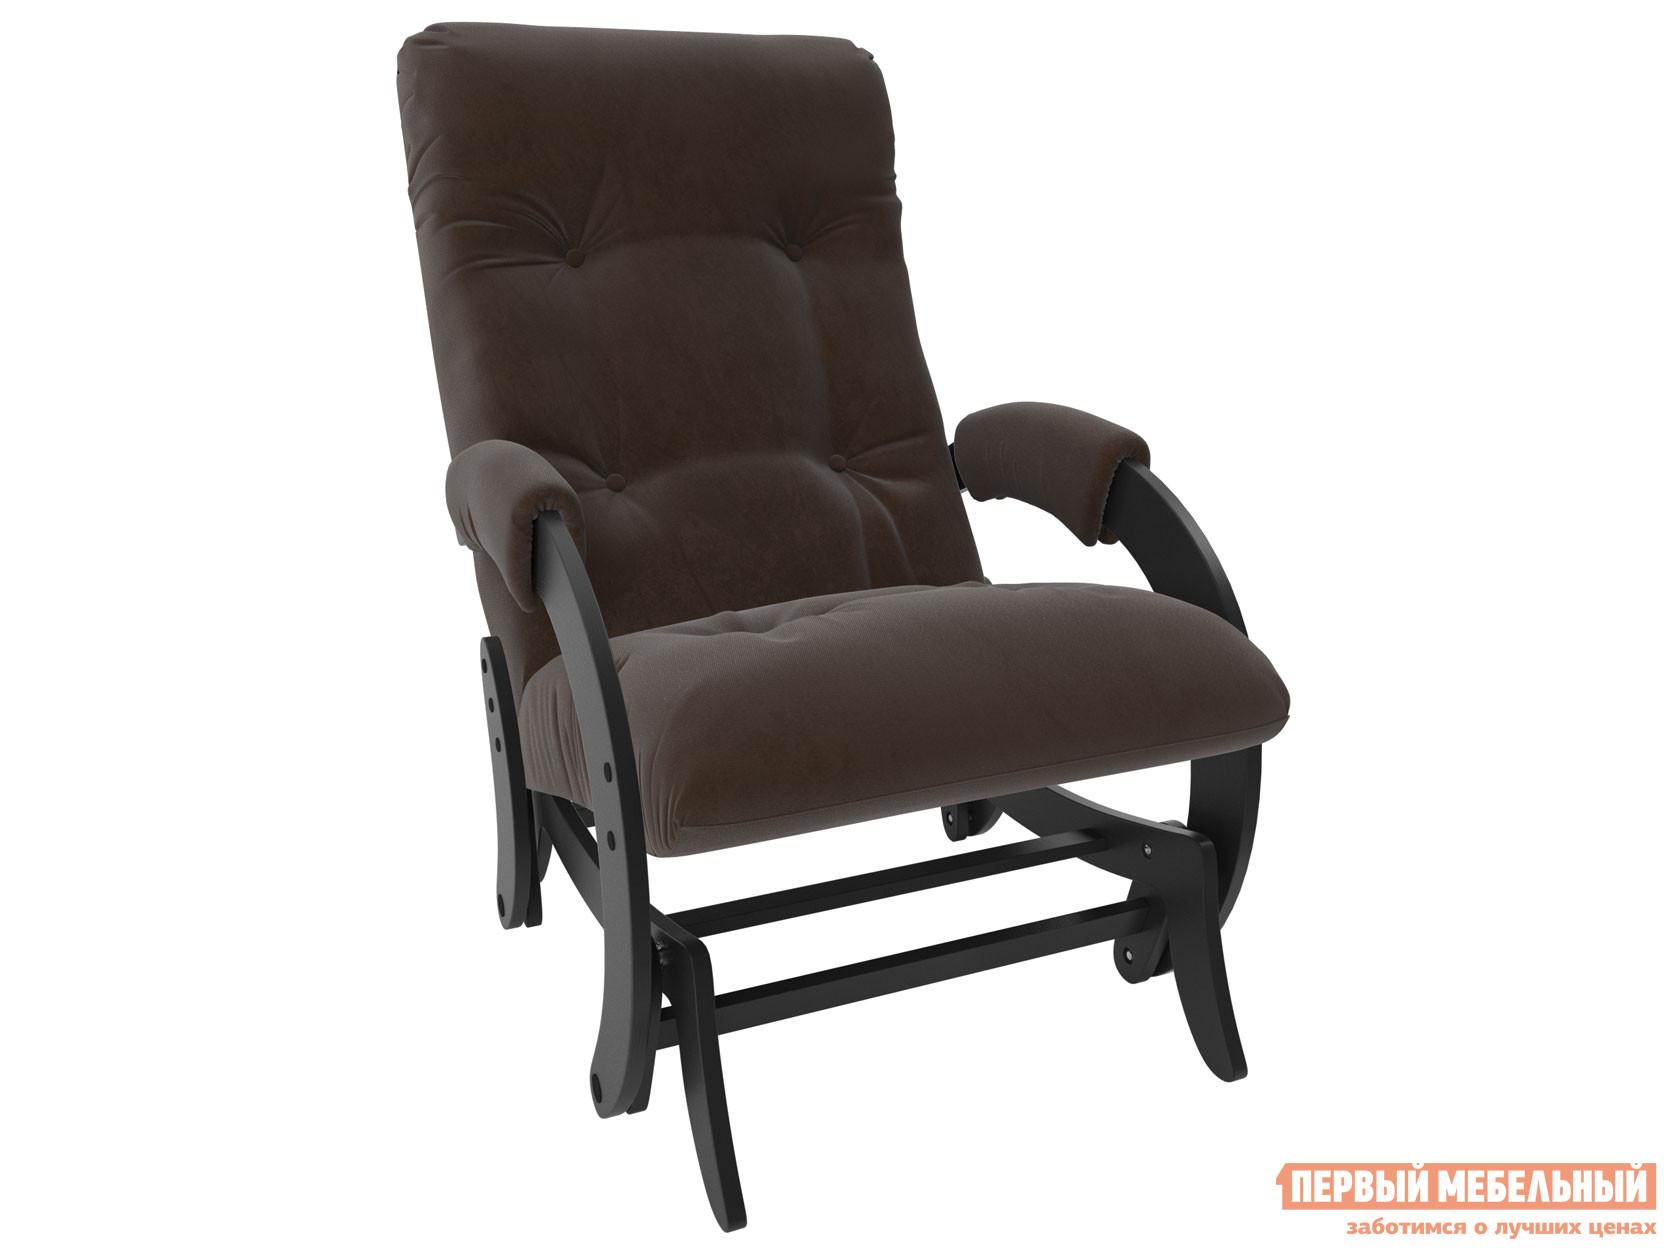 Кресло-качалка Кресло-качалка глайдер Комфорт Модель 68 Венге, Verona Brown, велюр фото